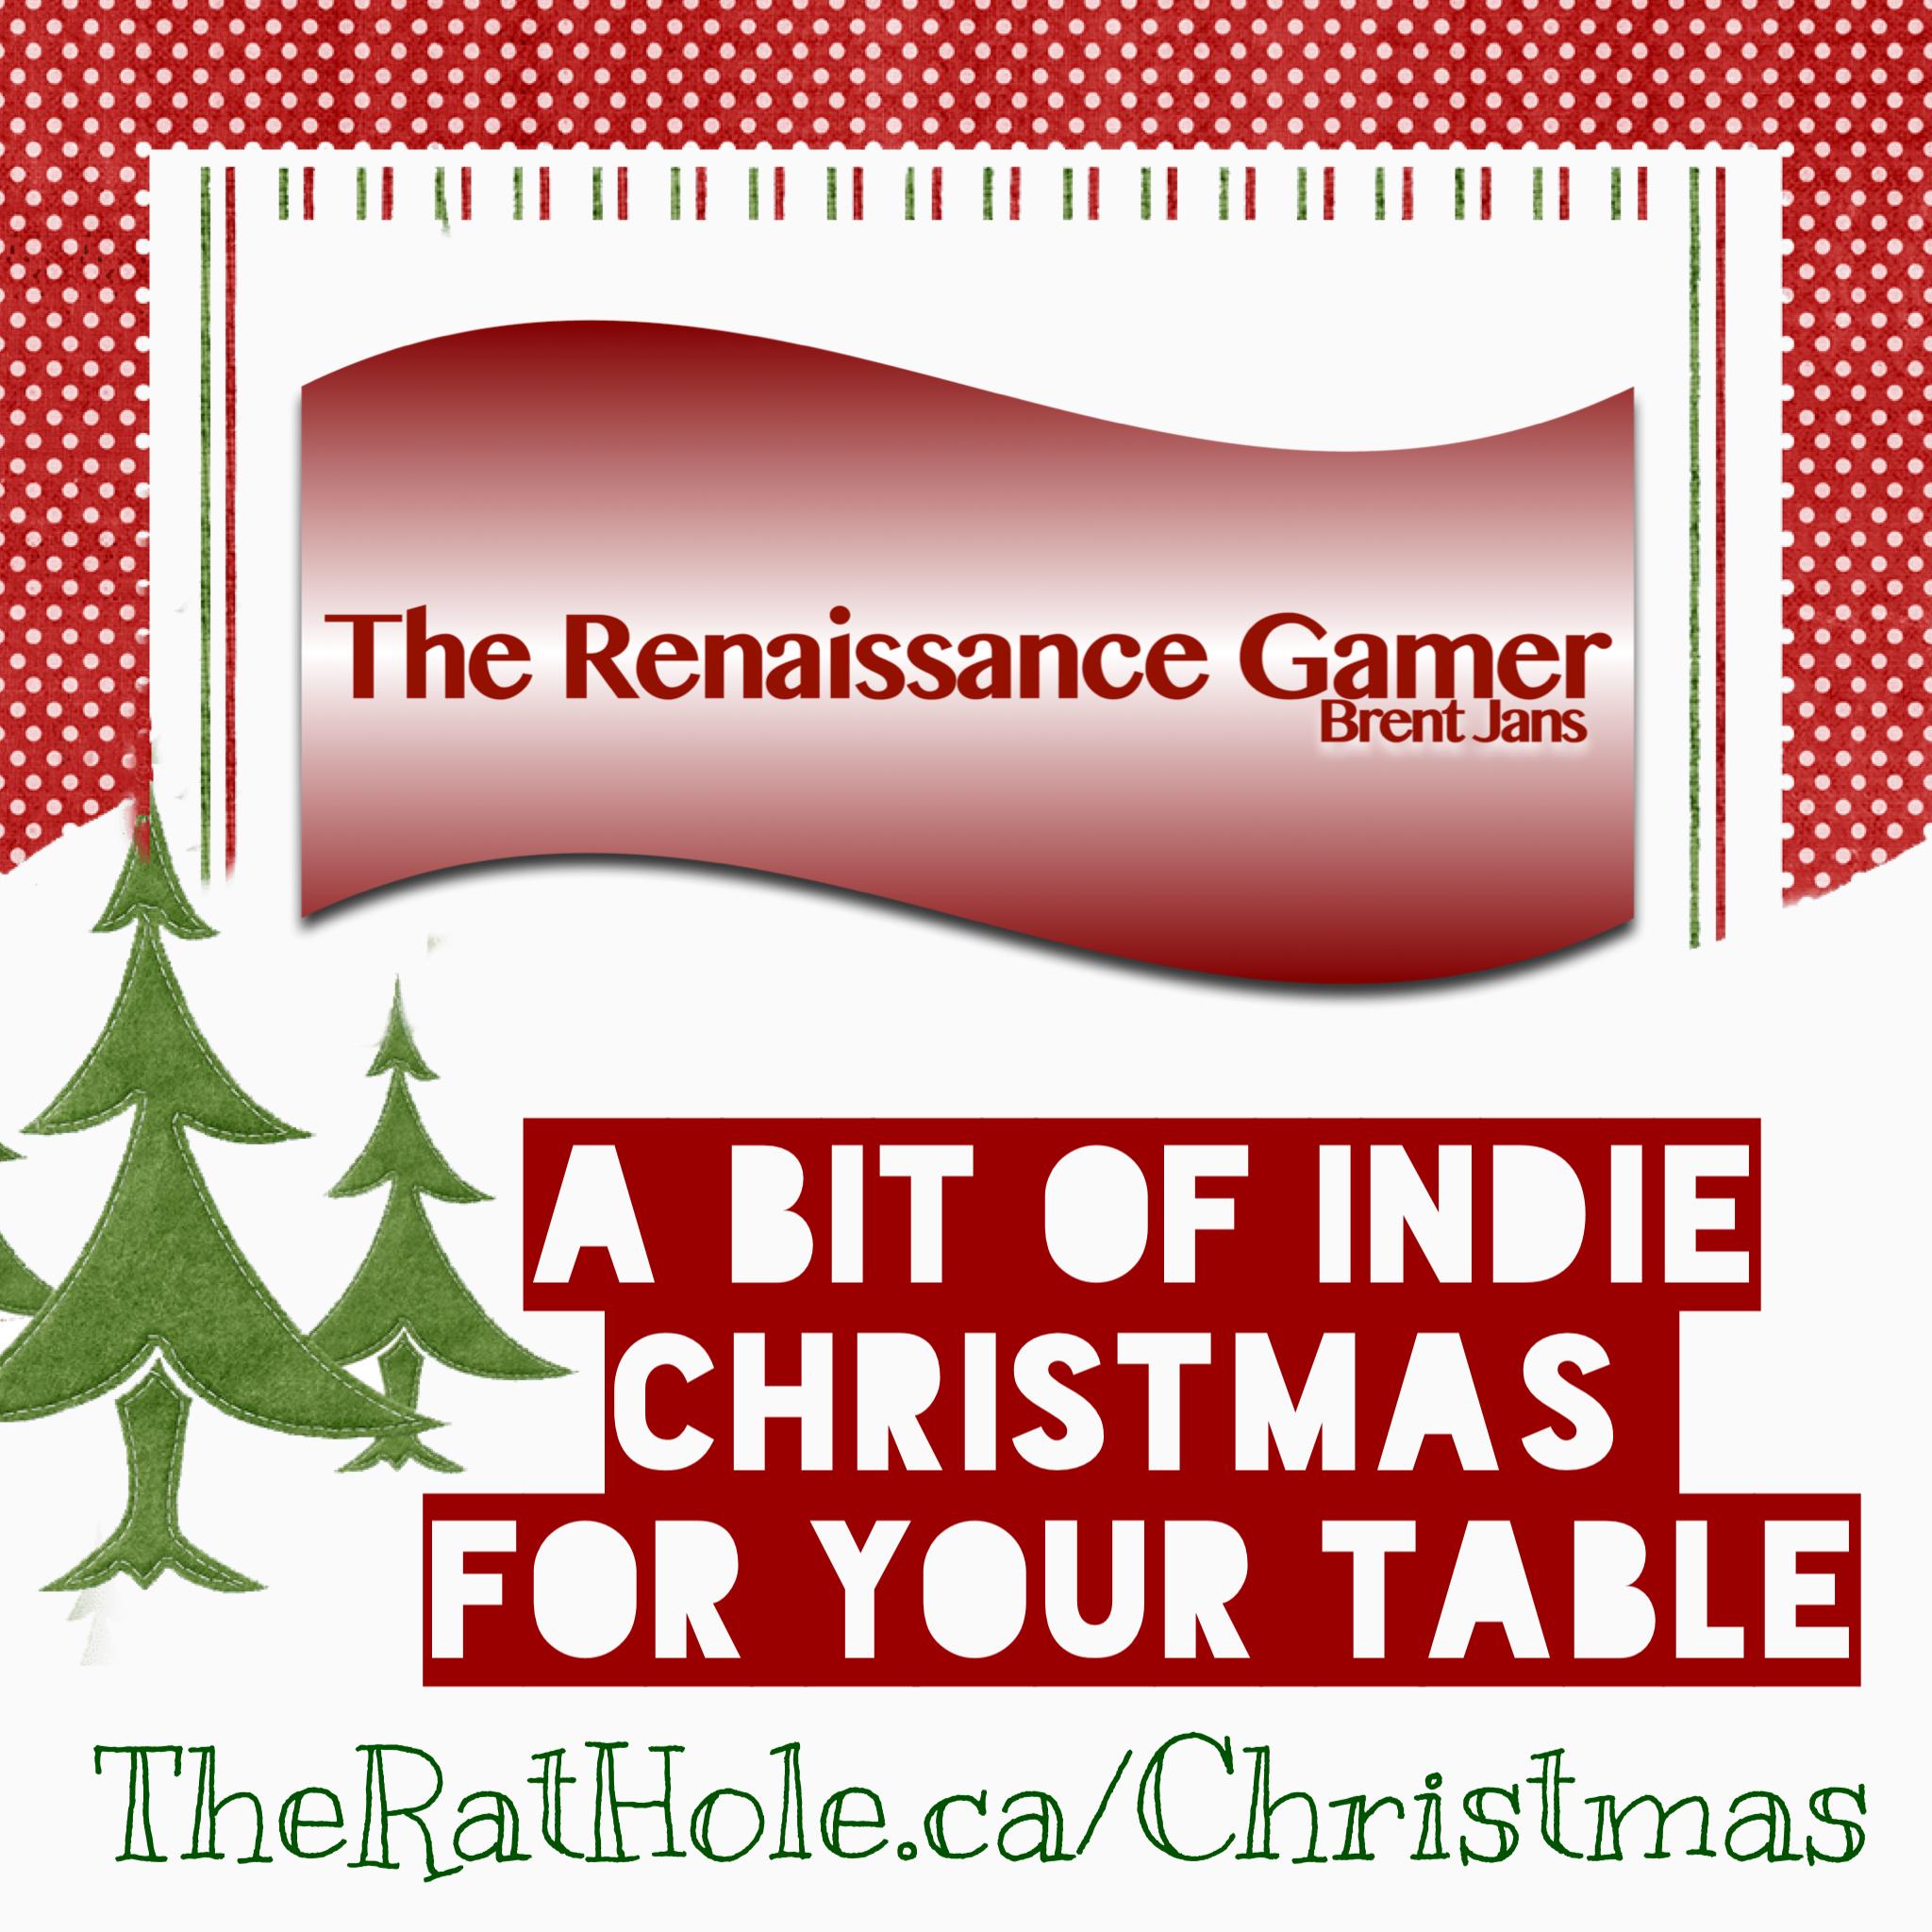 Renaissance Gamer (Nov 23, 2020)